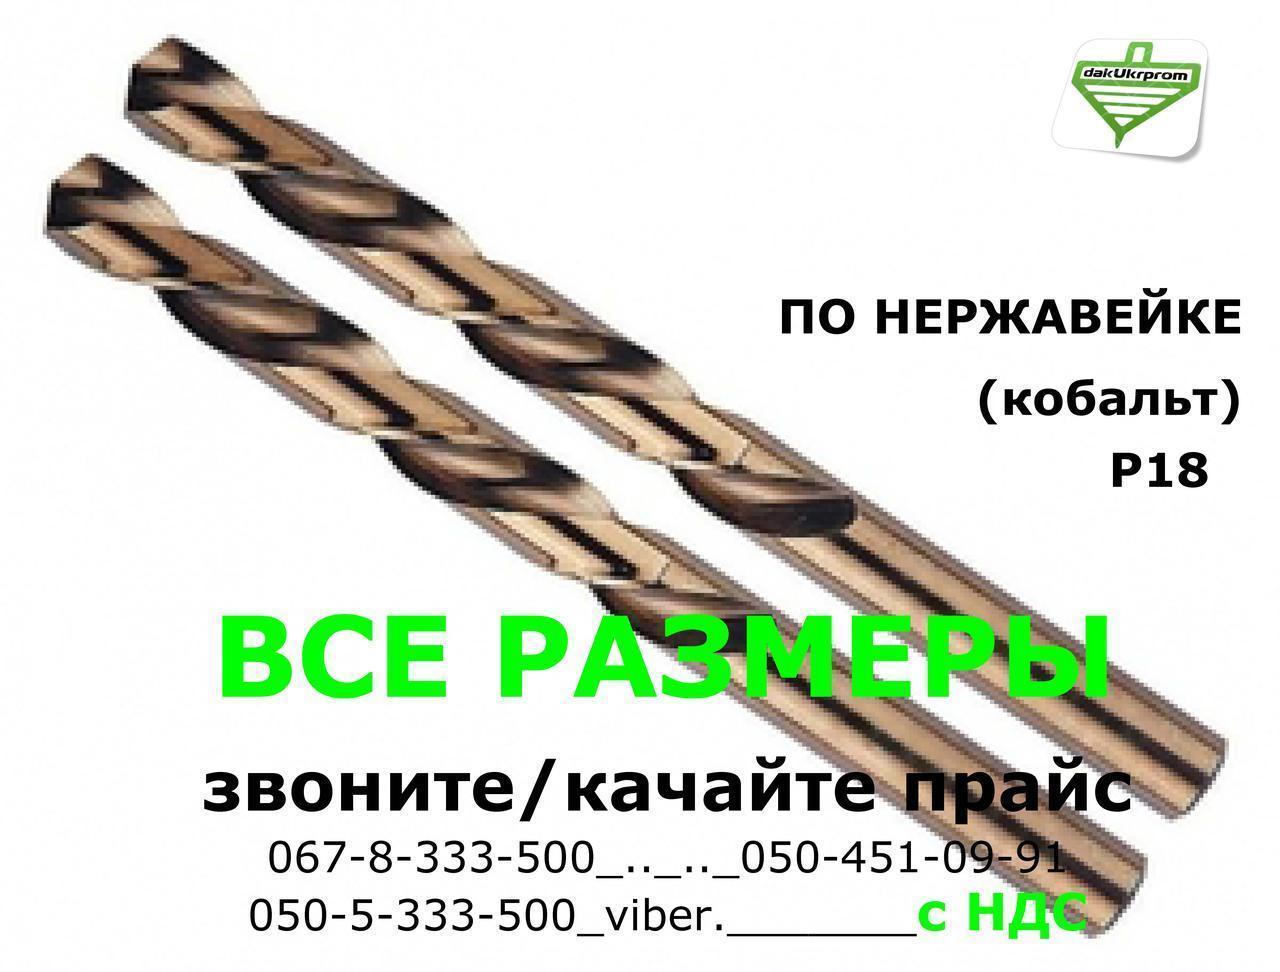 Свердло по нержавіючій сталі Р18 - 5,2 мм, (кобальт) промислового призначення ГОСТ-10902 (DIN338 G-Co)